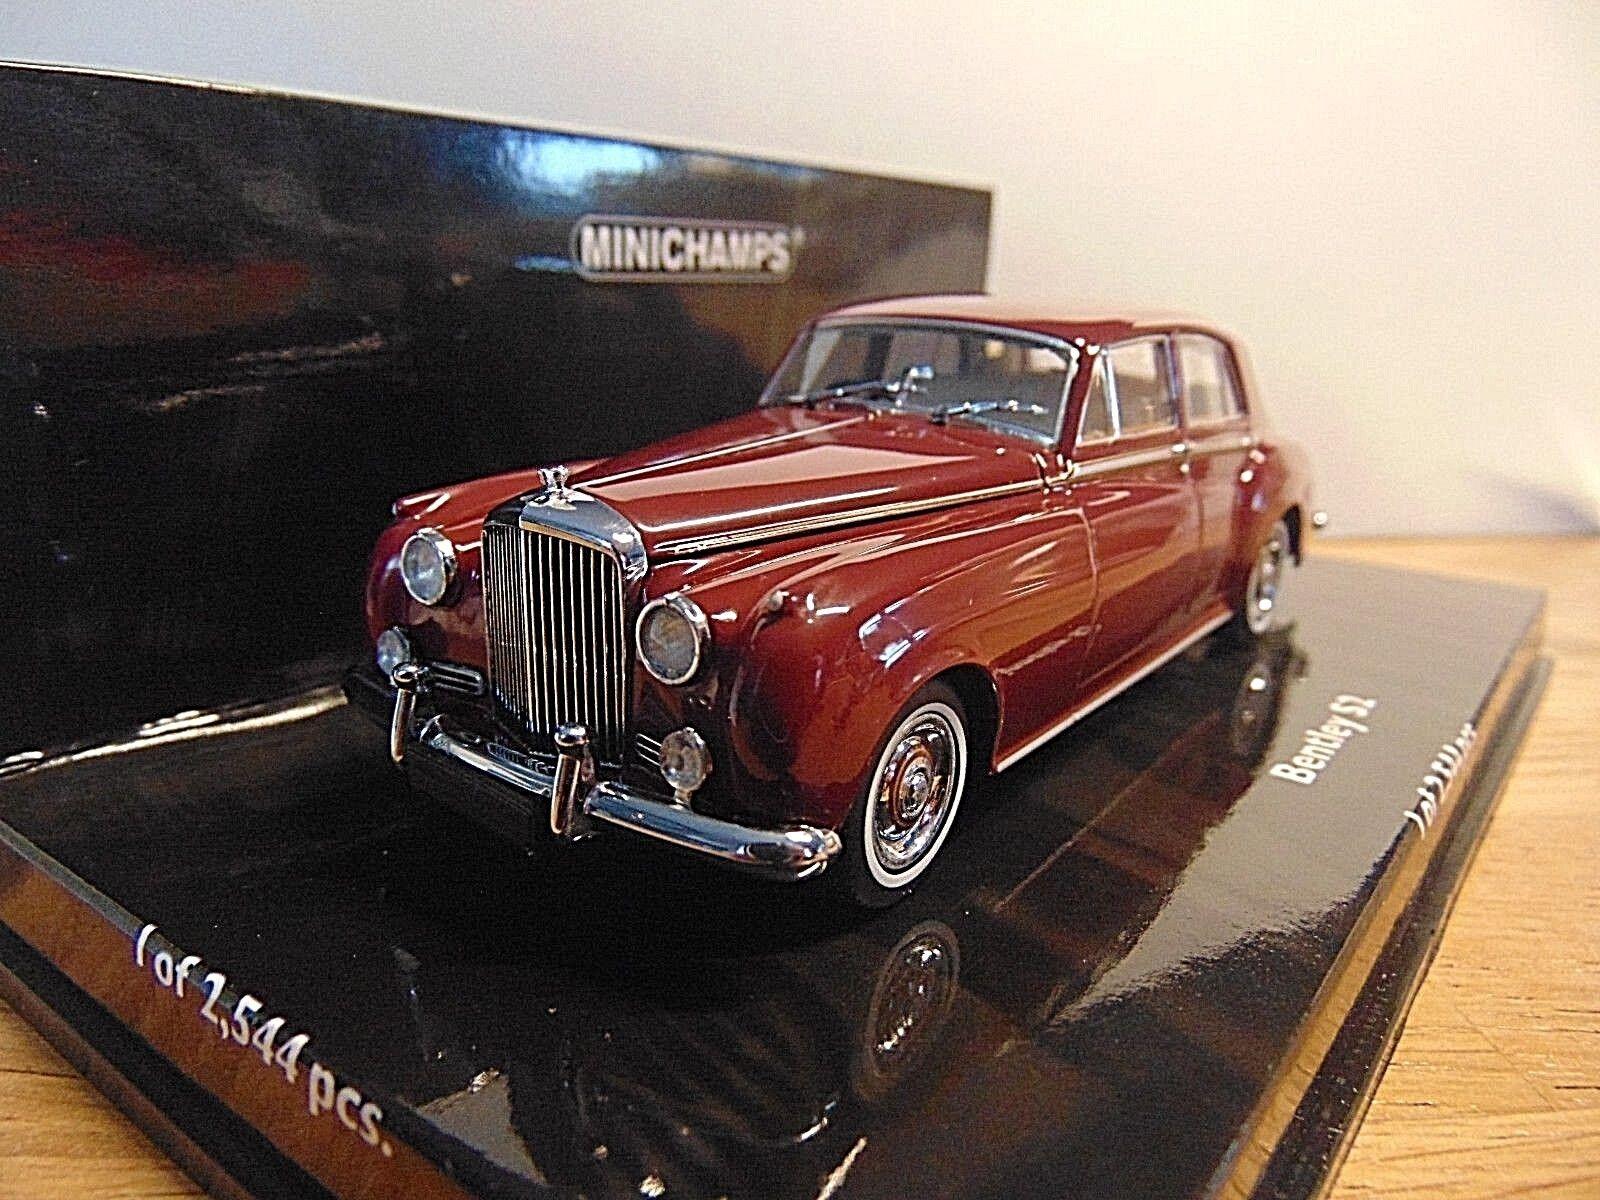 la mejor selección de Bentley s2 s2 s2 standard Saloon  1960 rojo  1 43 Minichamps 436139951  Los mejores precios y los estilos más frescos.